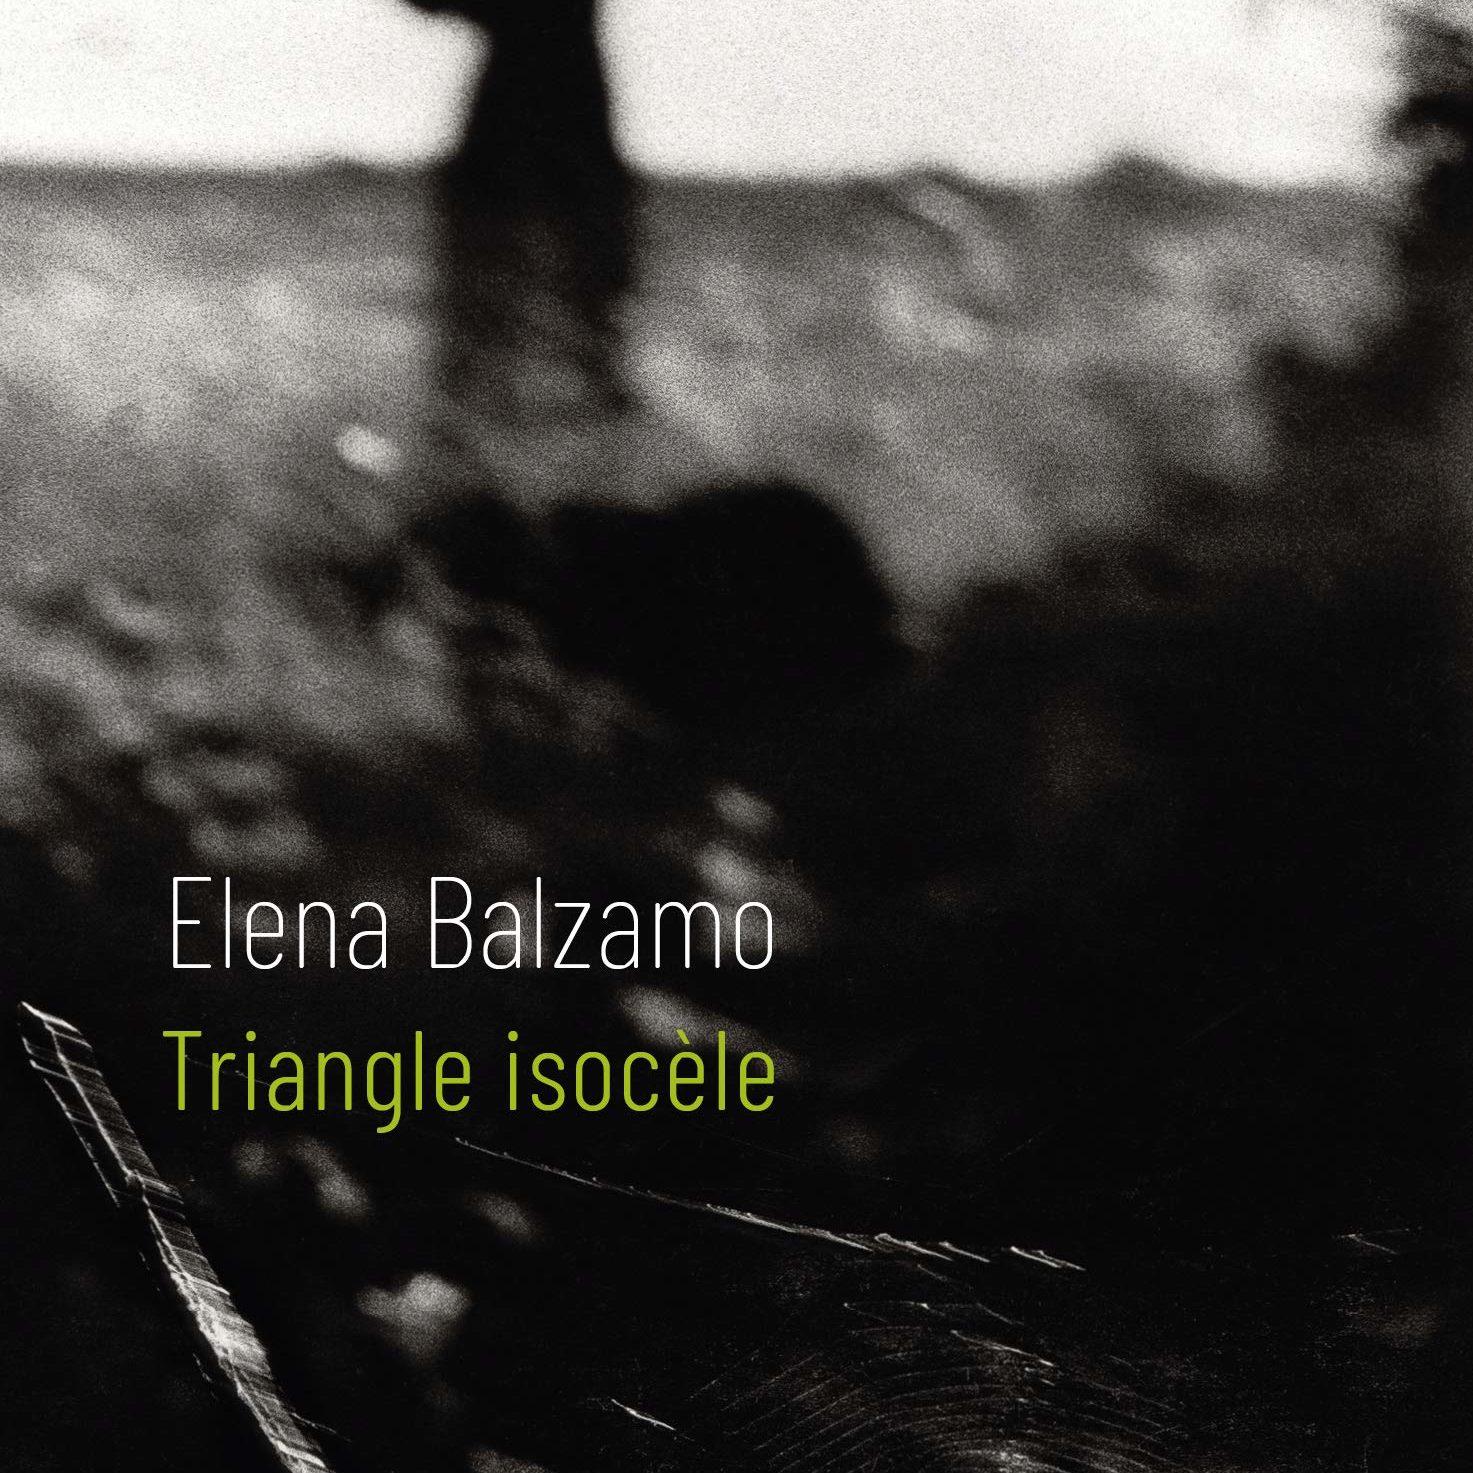 Couverture du livre Triangle Isocèle d'Elena Balzamo